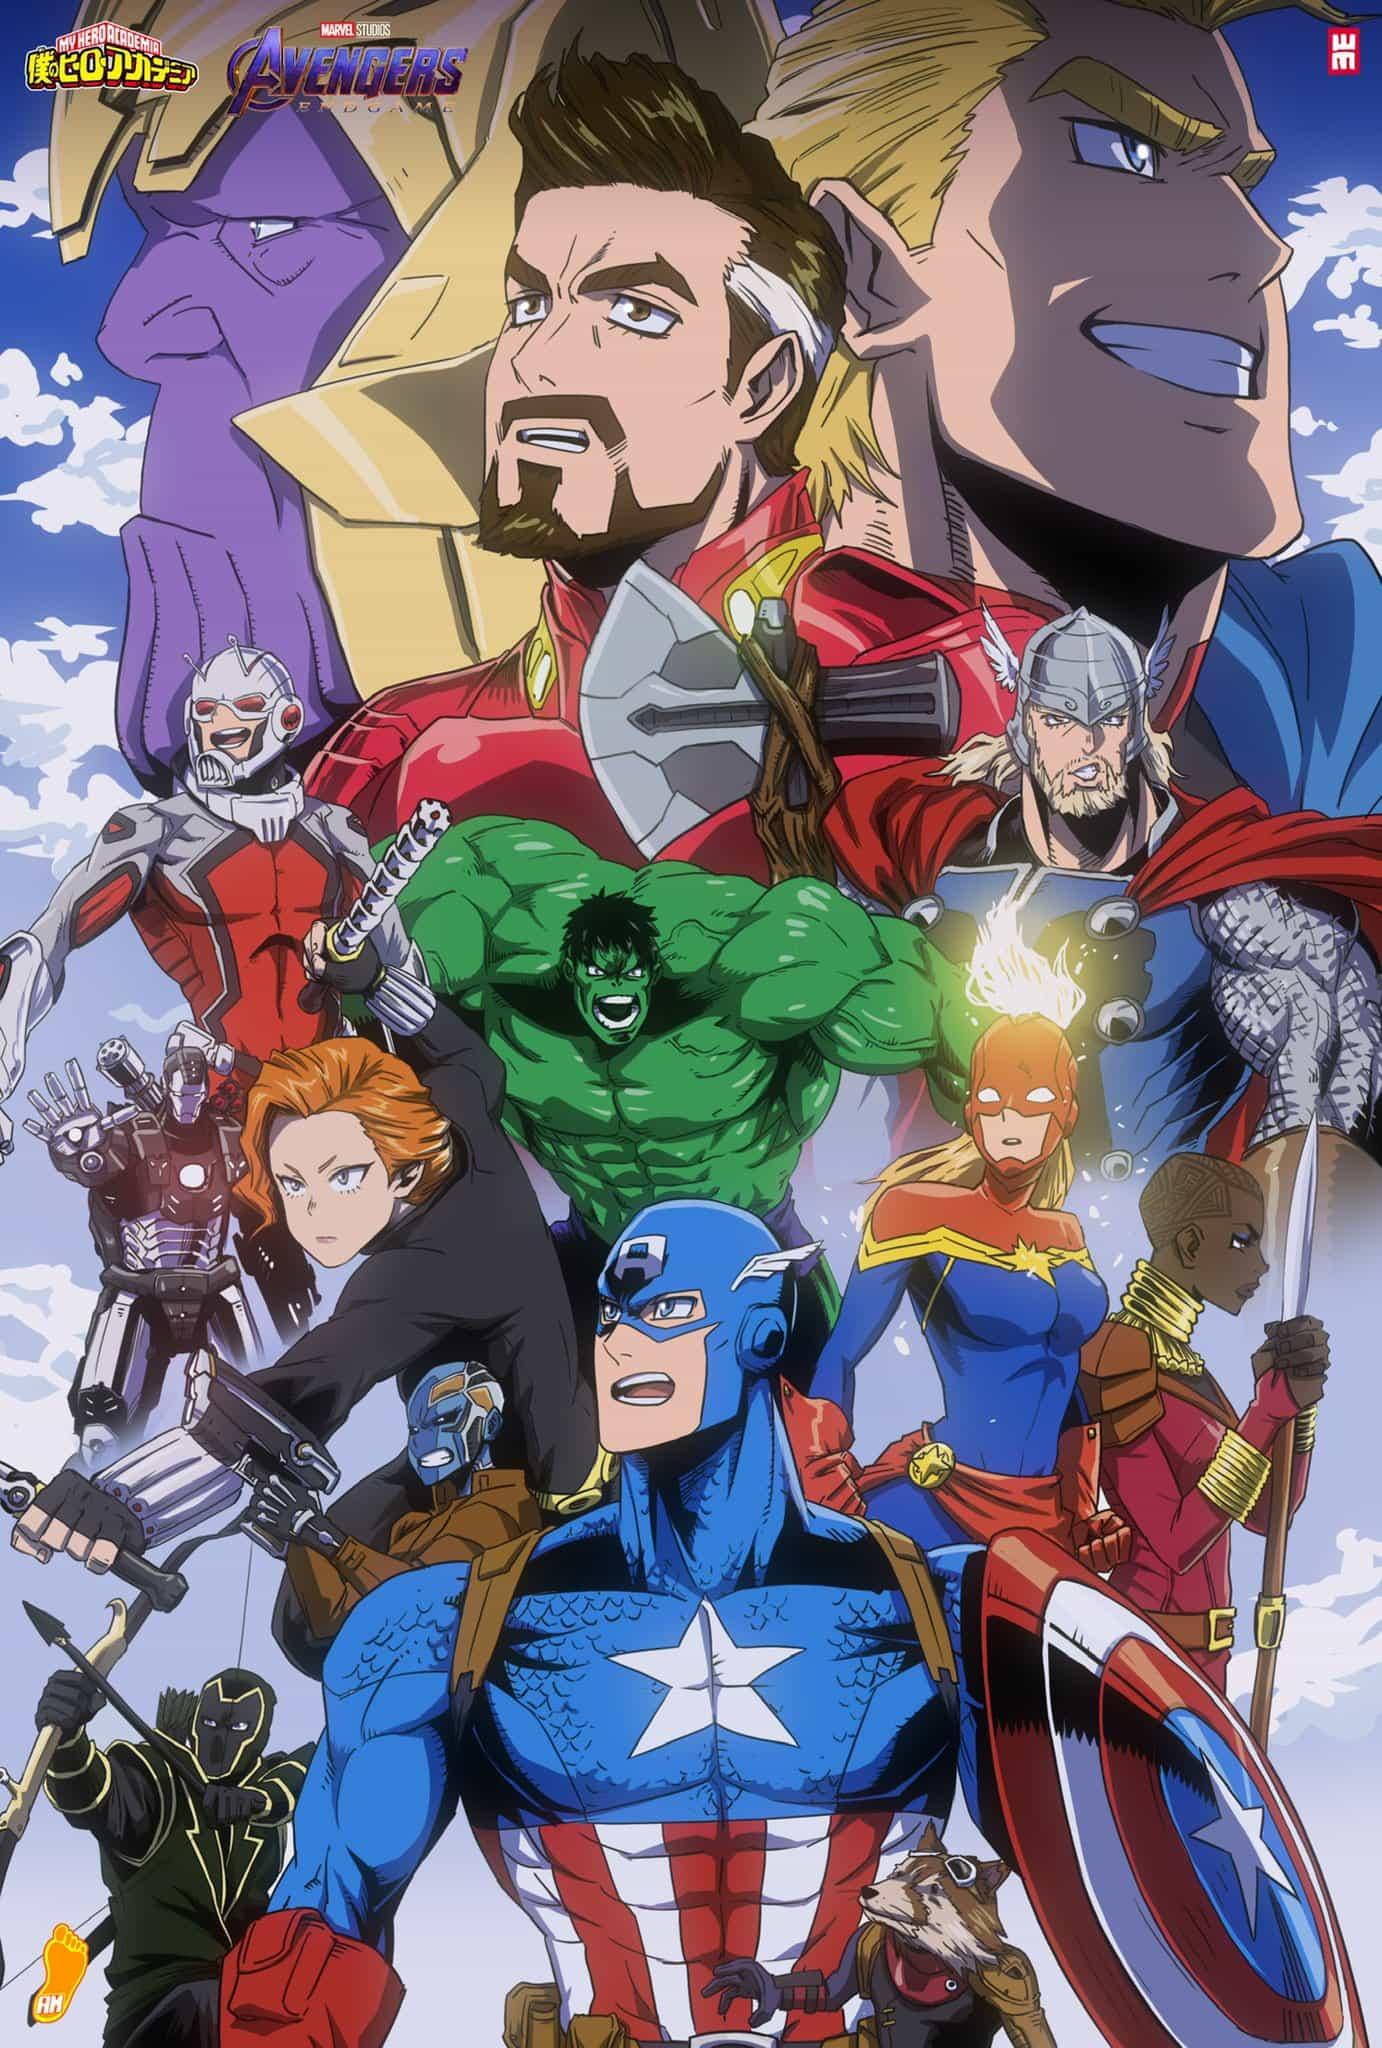 El epico fanart de Avengers en My Hero Academia